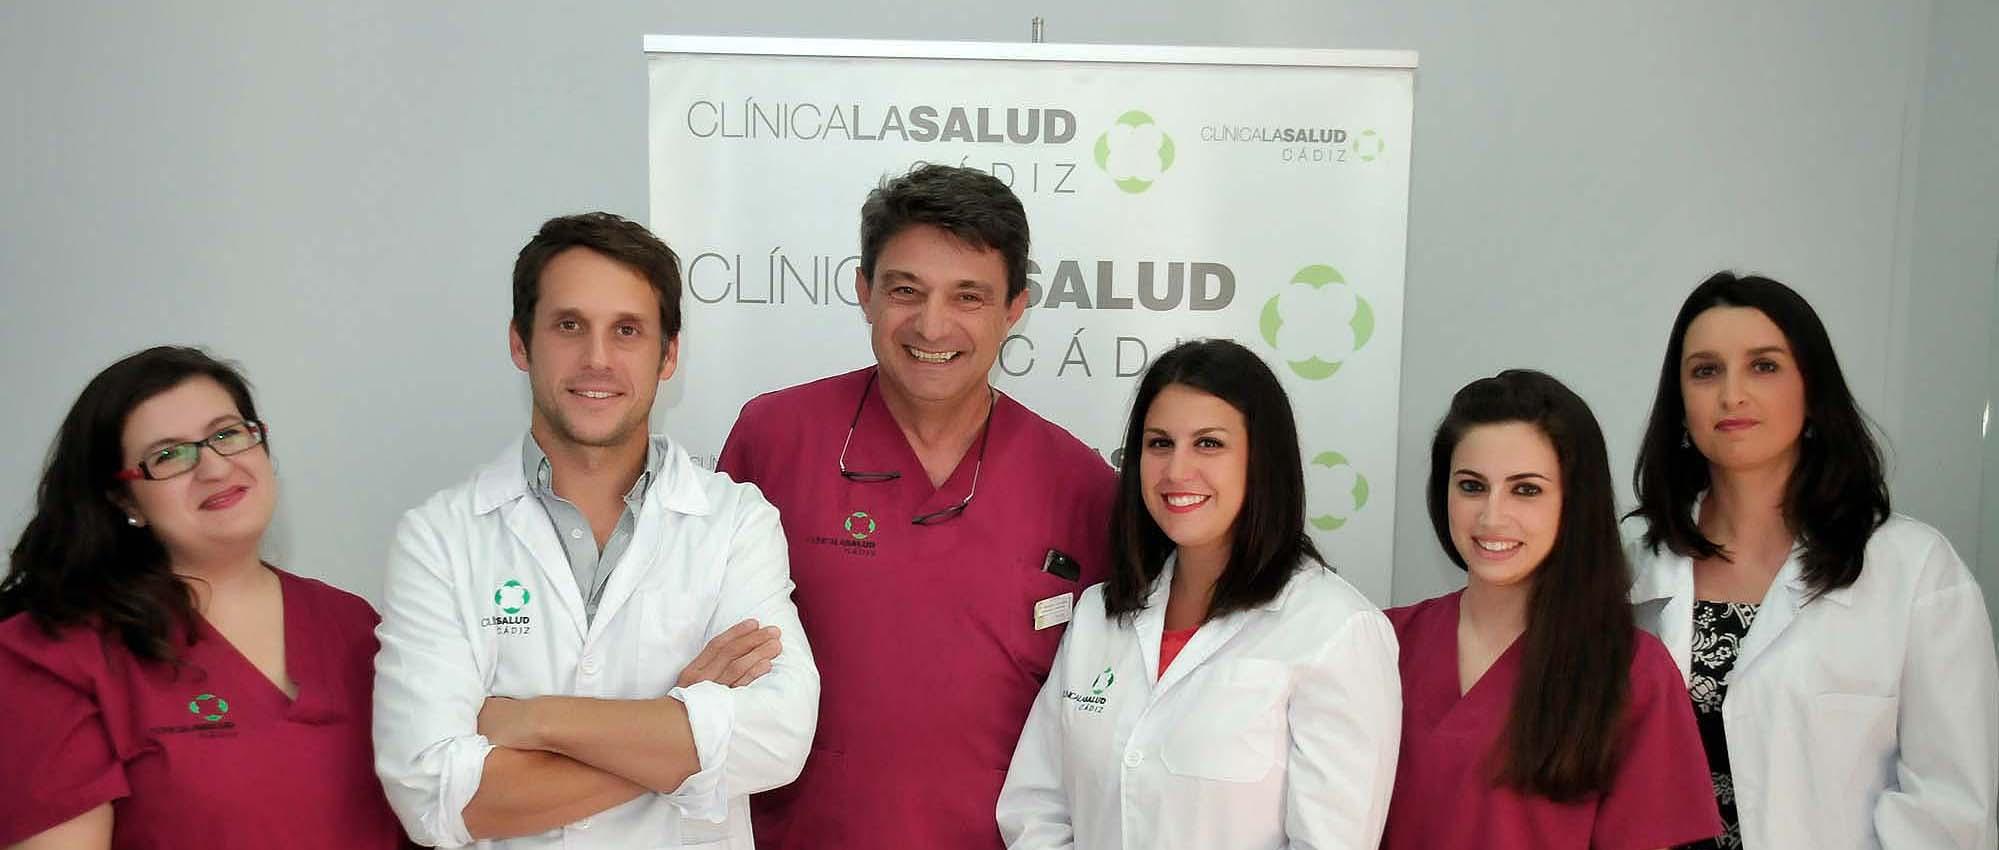 Équipe médicale Clínica La Salud Cádiz